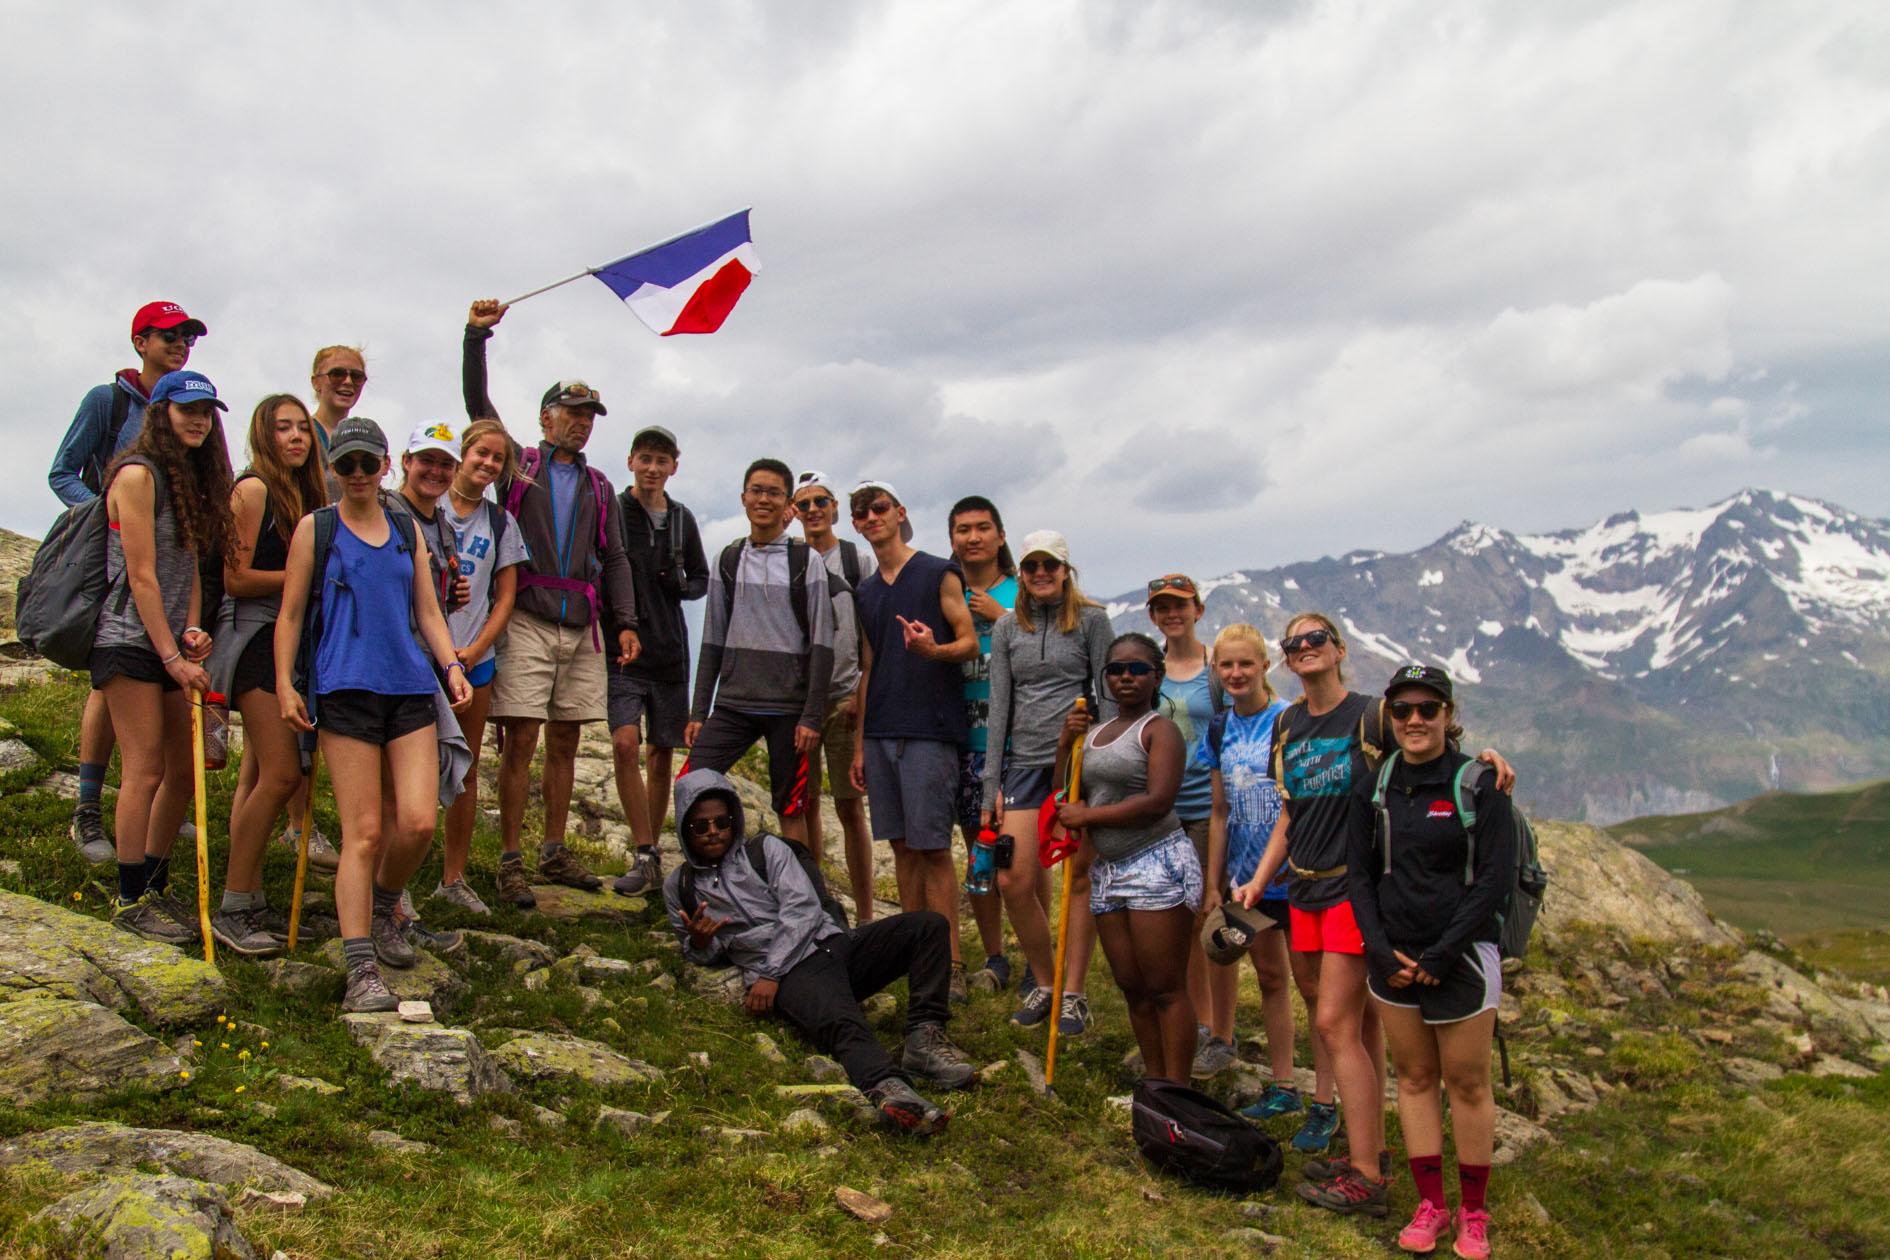 Summer Program - Community Resources   Global Works - France: Language & Leadership